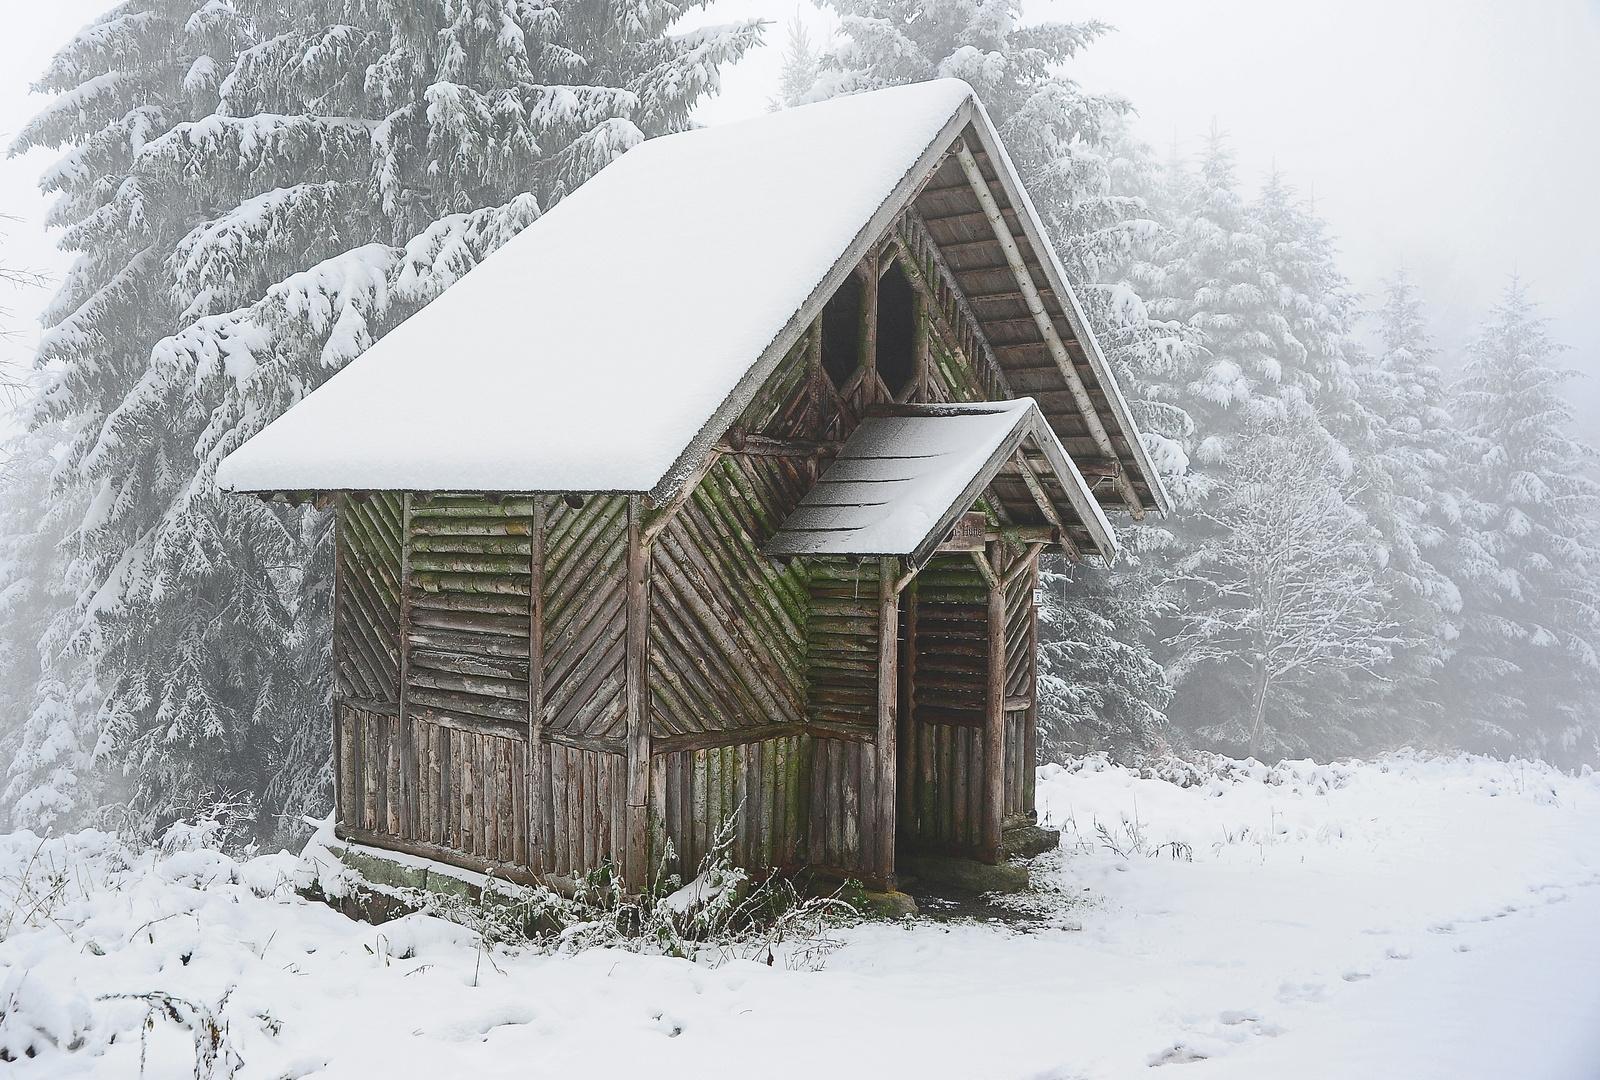 Schirmhütte bei Bad Wildbad, Nordschwarzwald